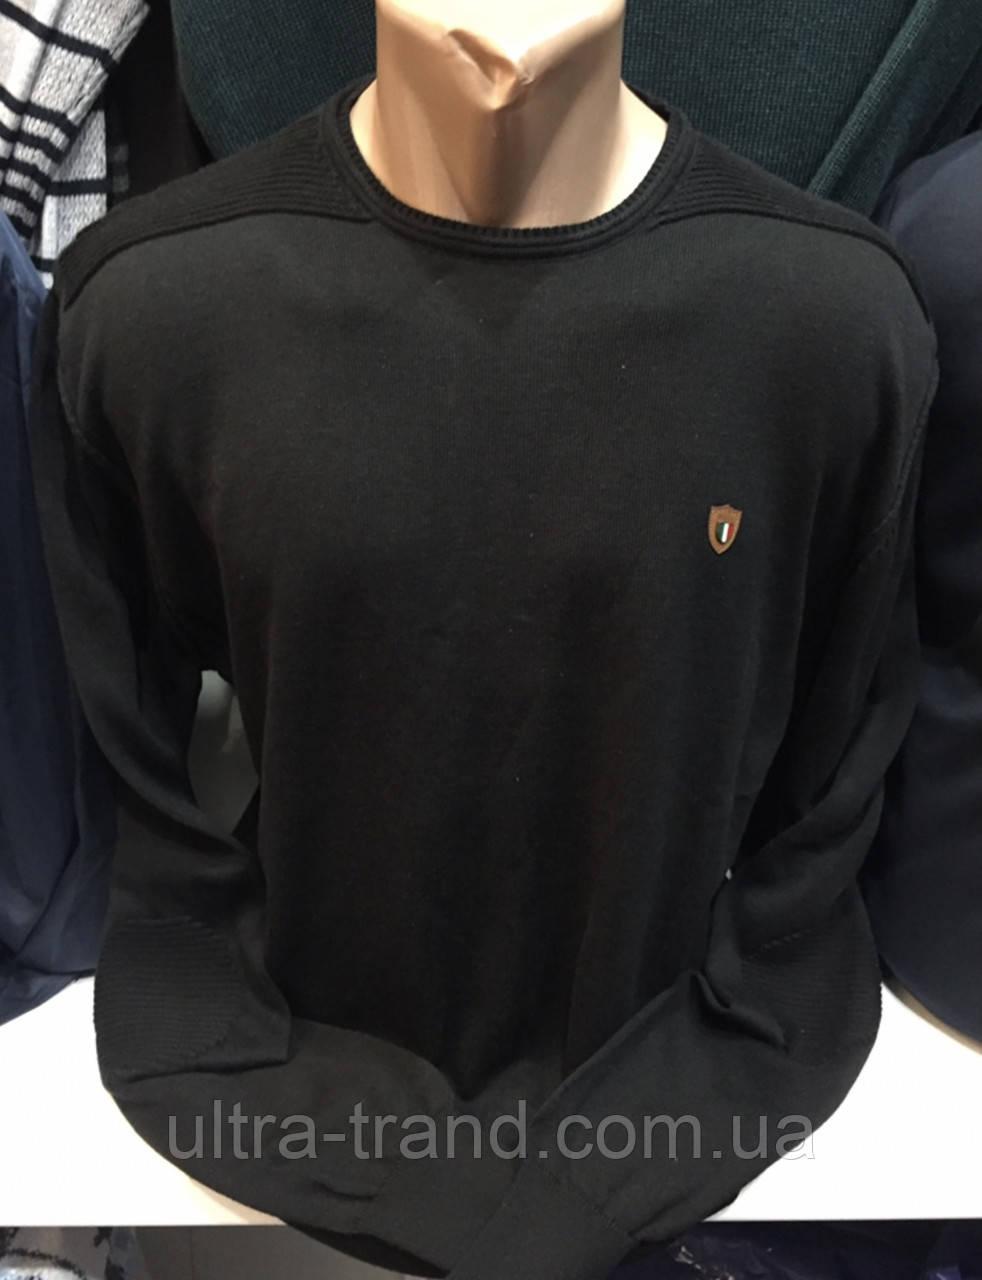 Турецкие мужские свитера свитшоты чёрного  цвета